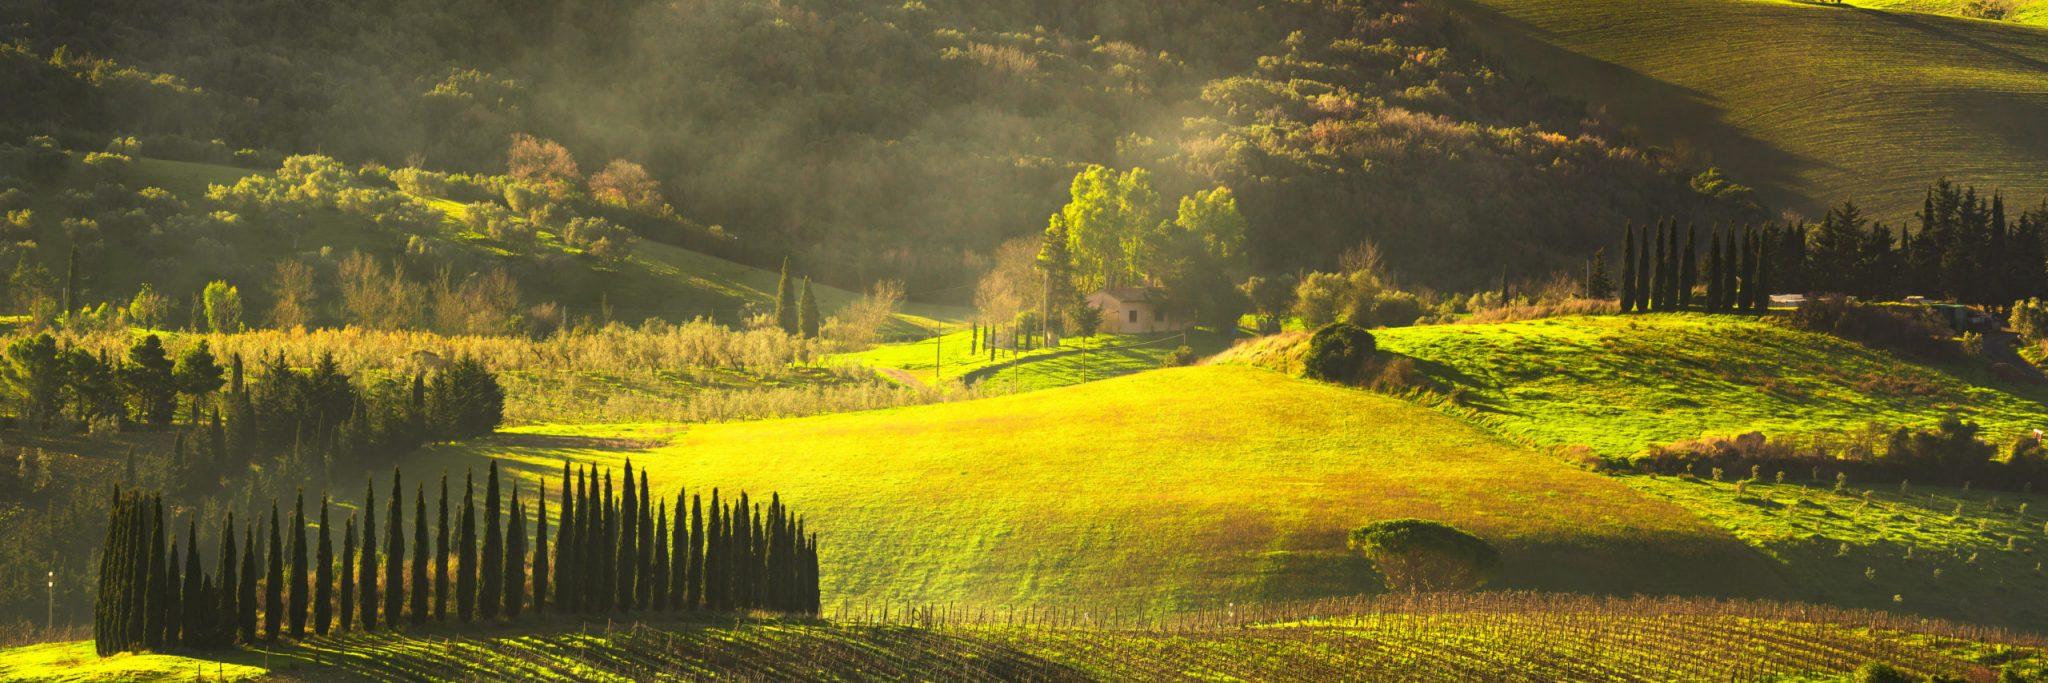 Maremma countryside, sunrise foggy landscape, vineyards, rolling hills and trees. Bibbona, Tuscany, Italy. Europe.